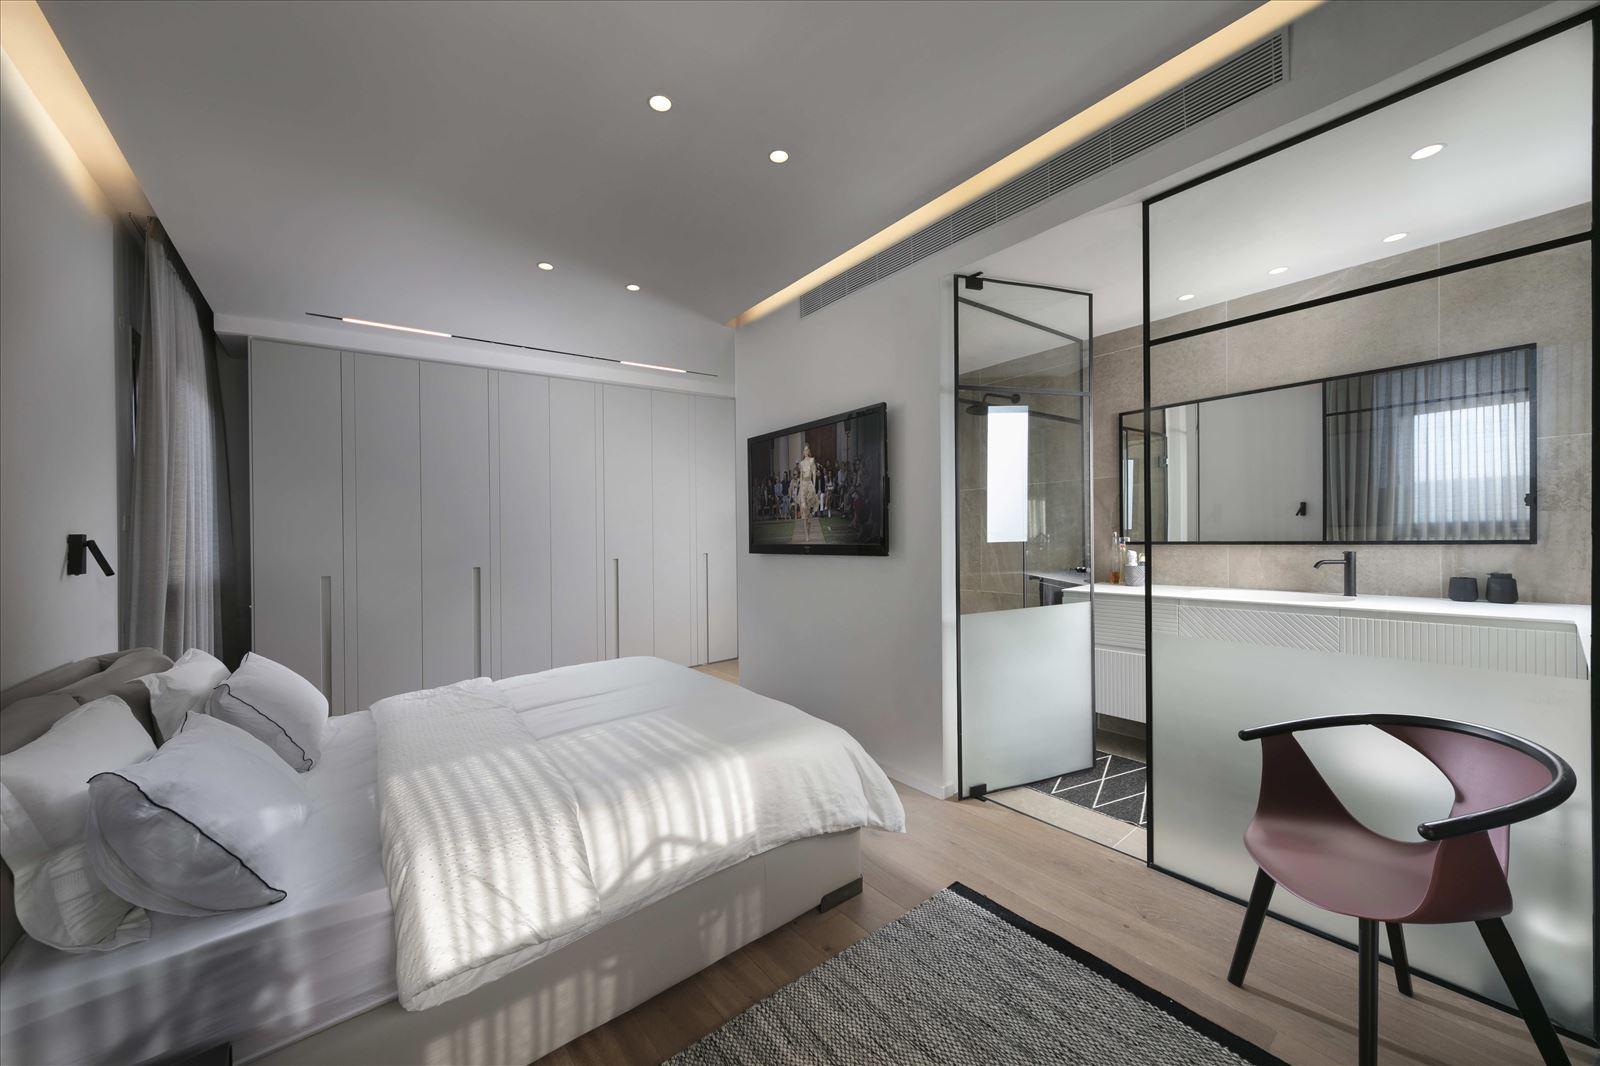 Private home - Herzliya תאורה בחדר שינה נעשתה על ידי גופי תאורה